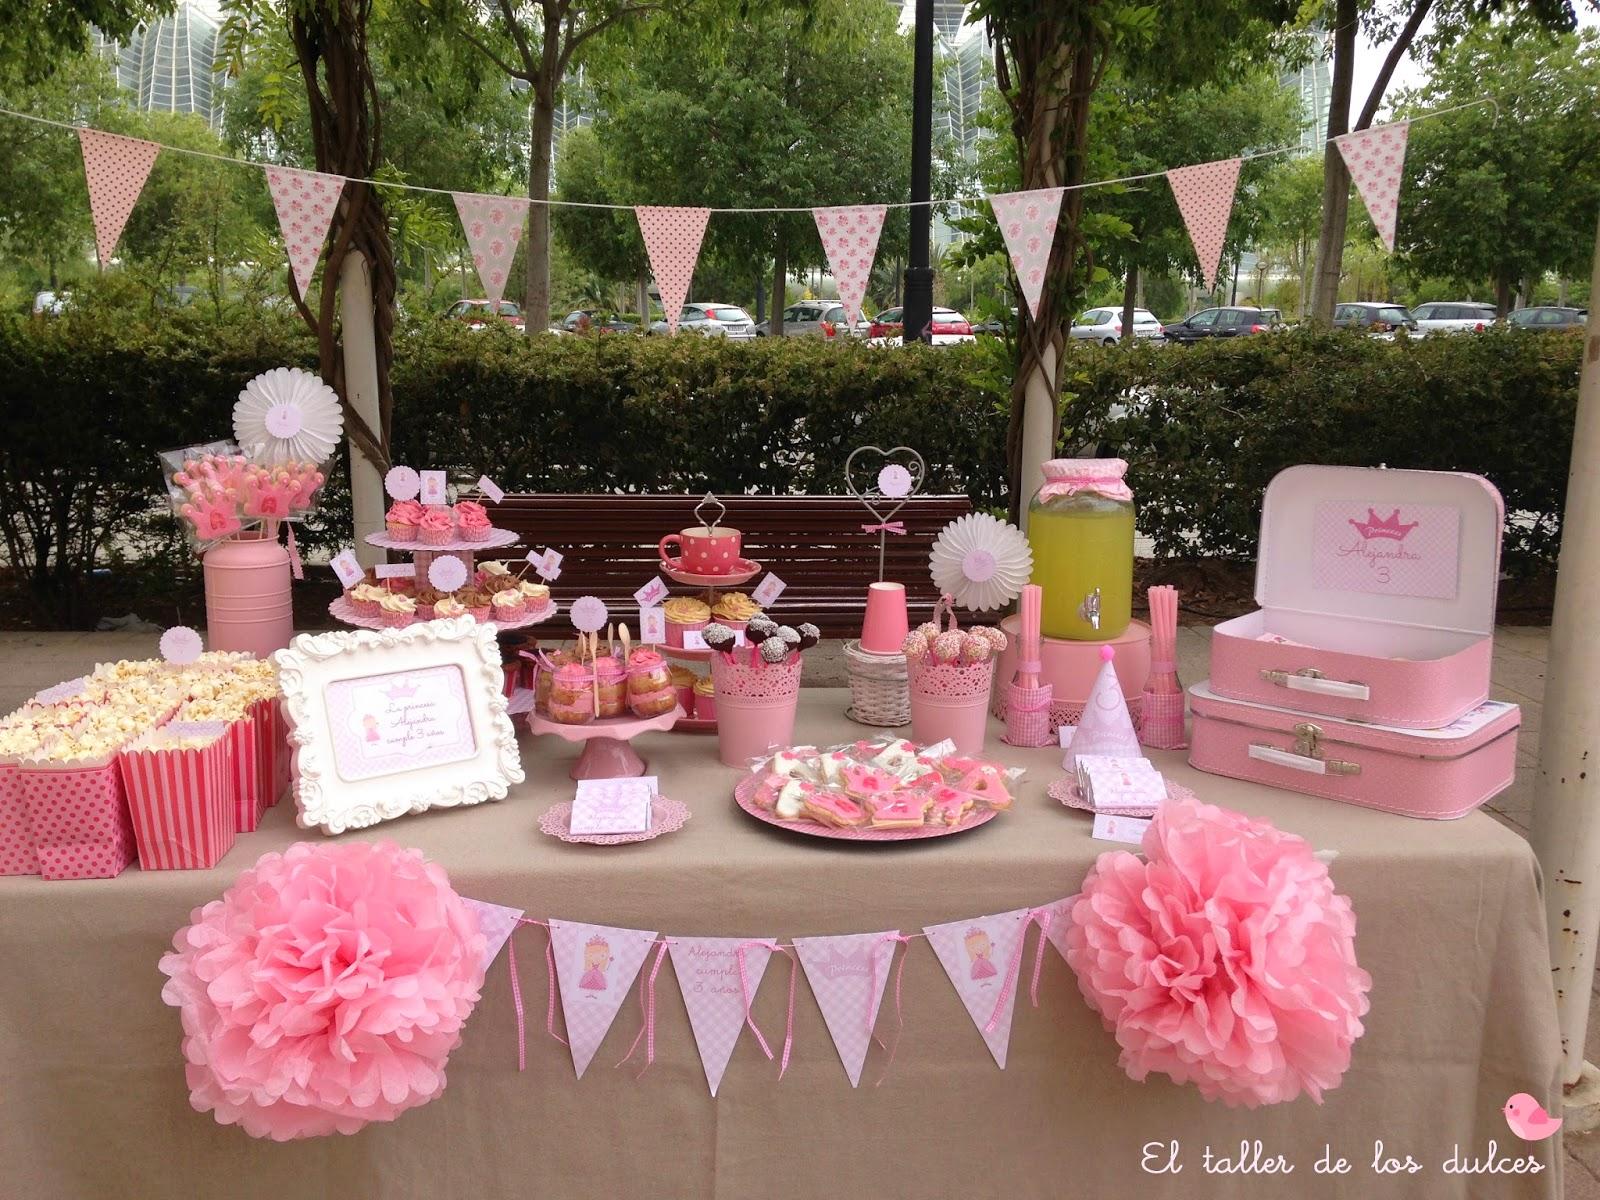 El taller de los dulces mesas dulces en alicante - Preparar mesa dulce para comunion ...